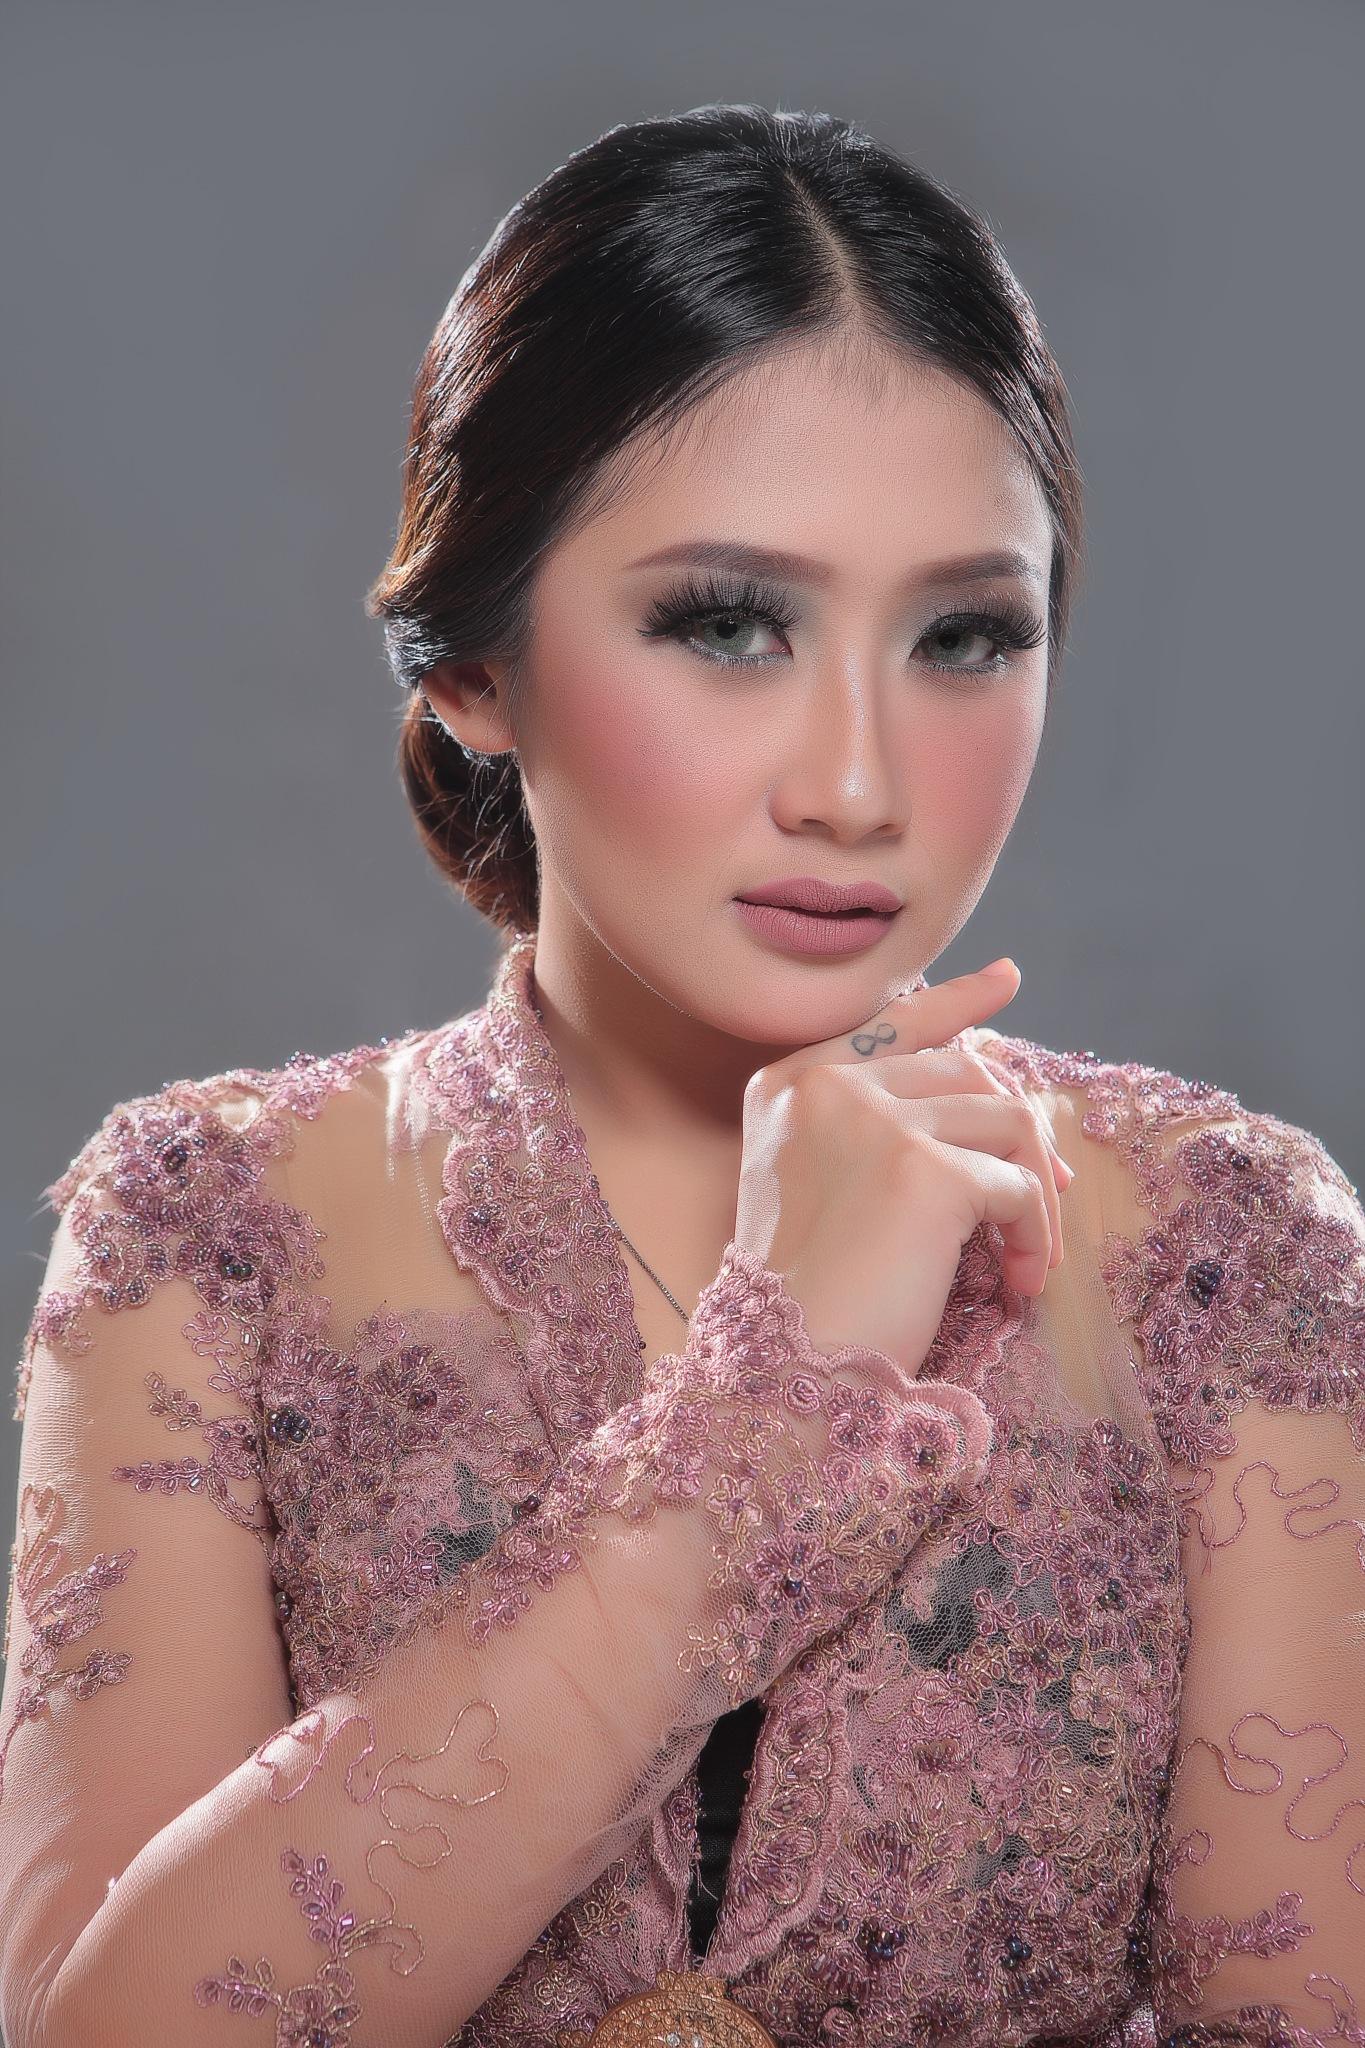 Kebaya indonesia  by Suryanto Kristian